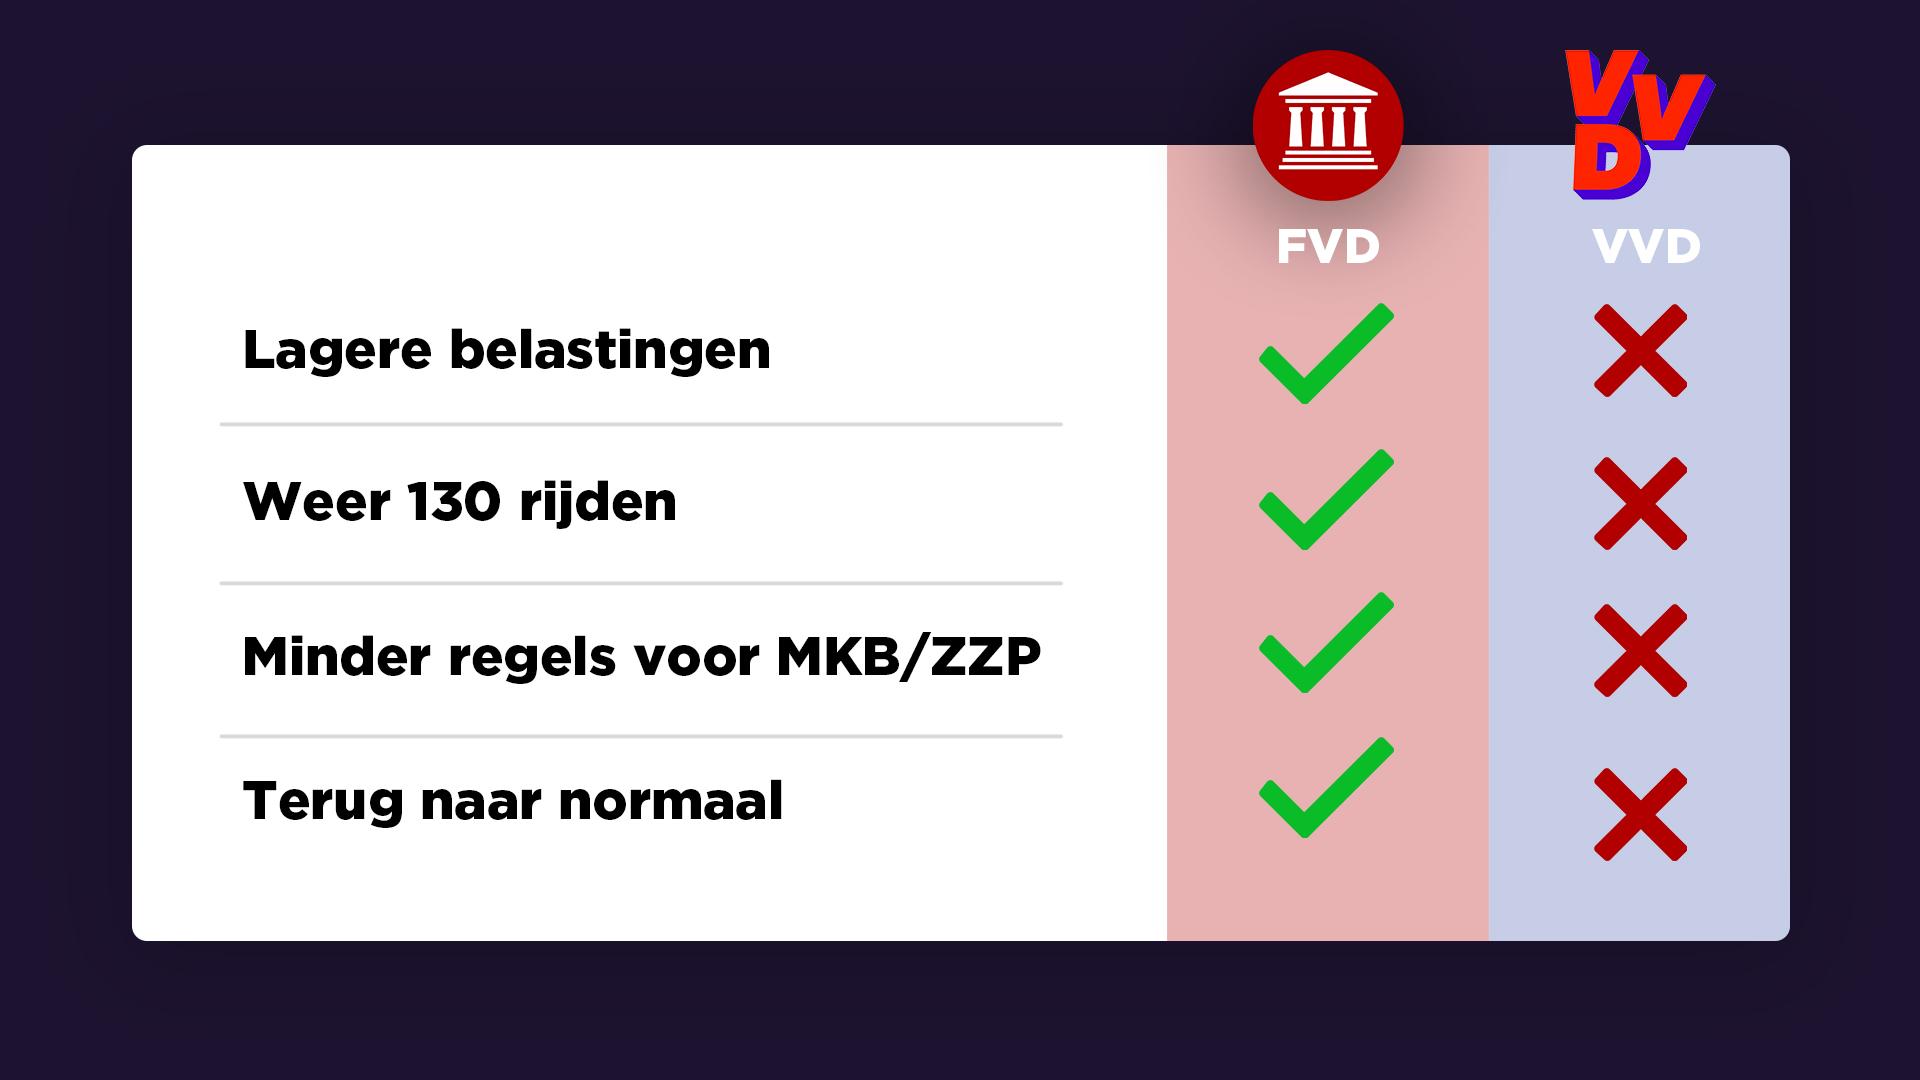 FVD vs VVD